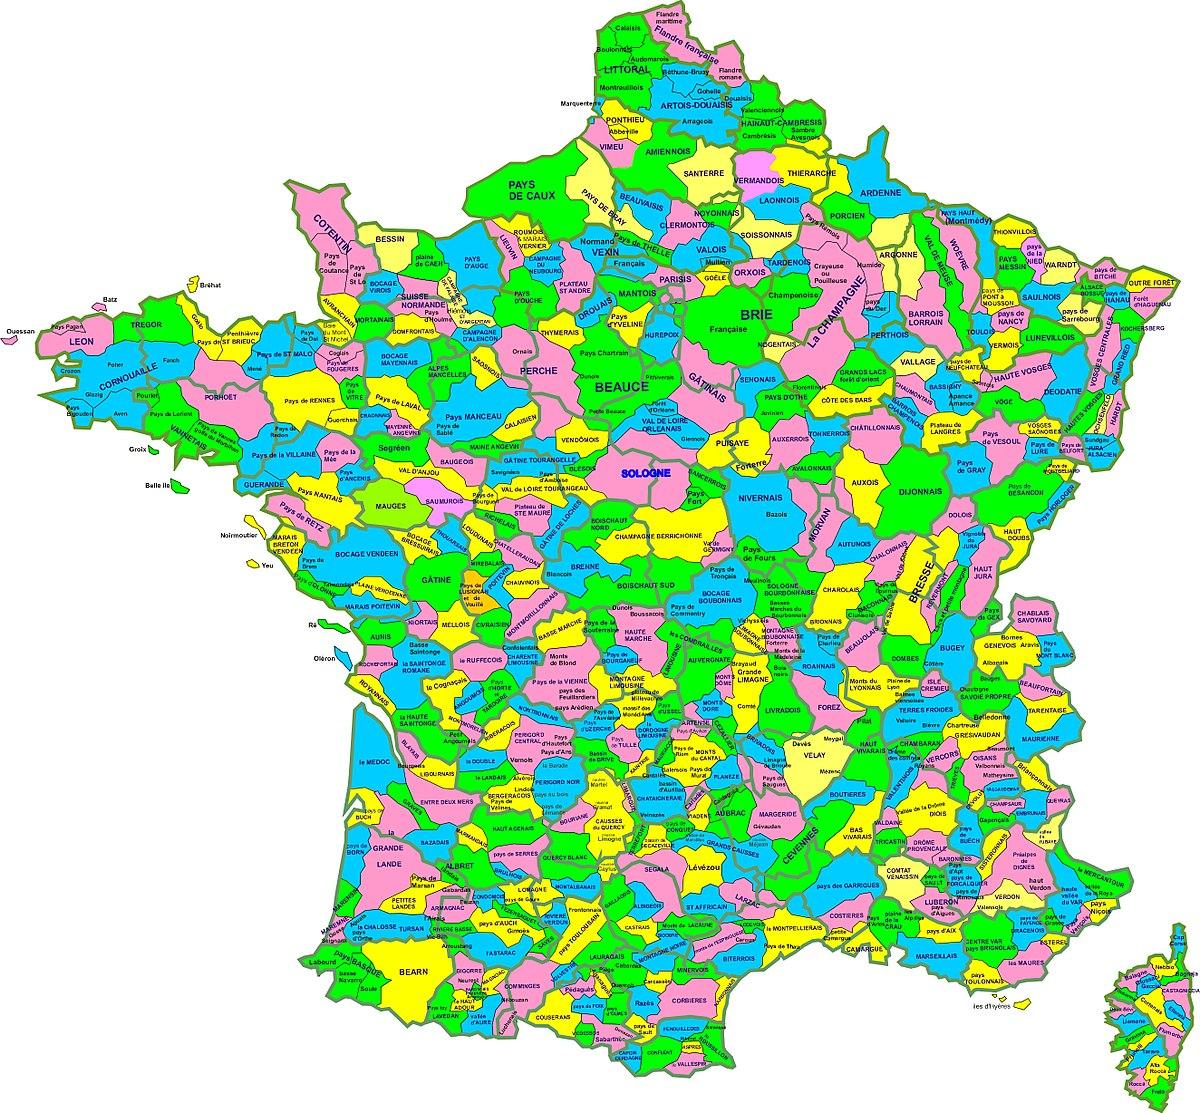 carte de france des regions File:Carte des regions naturelles de france.   Wikimedia Commons